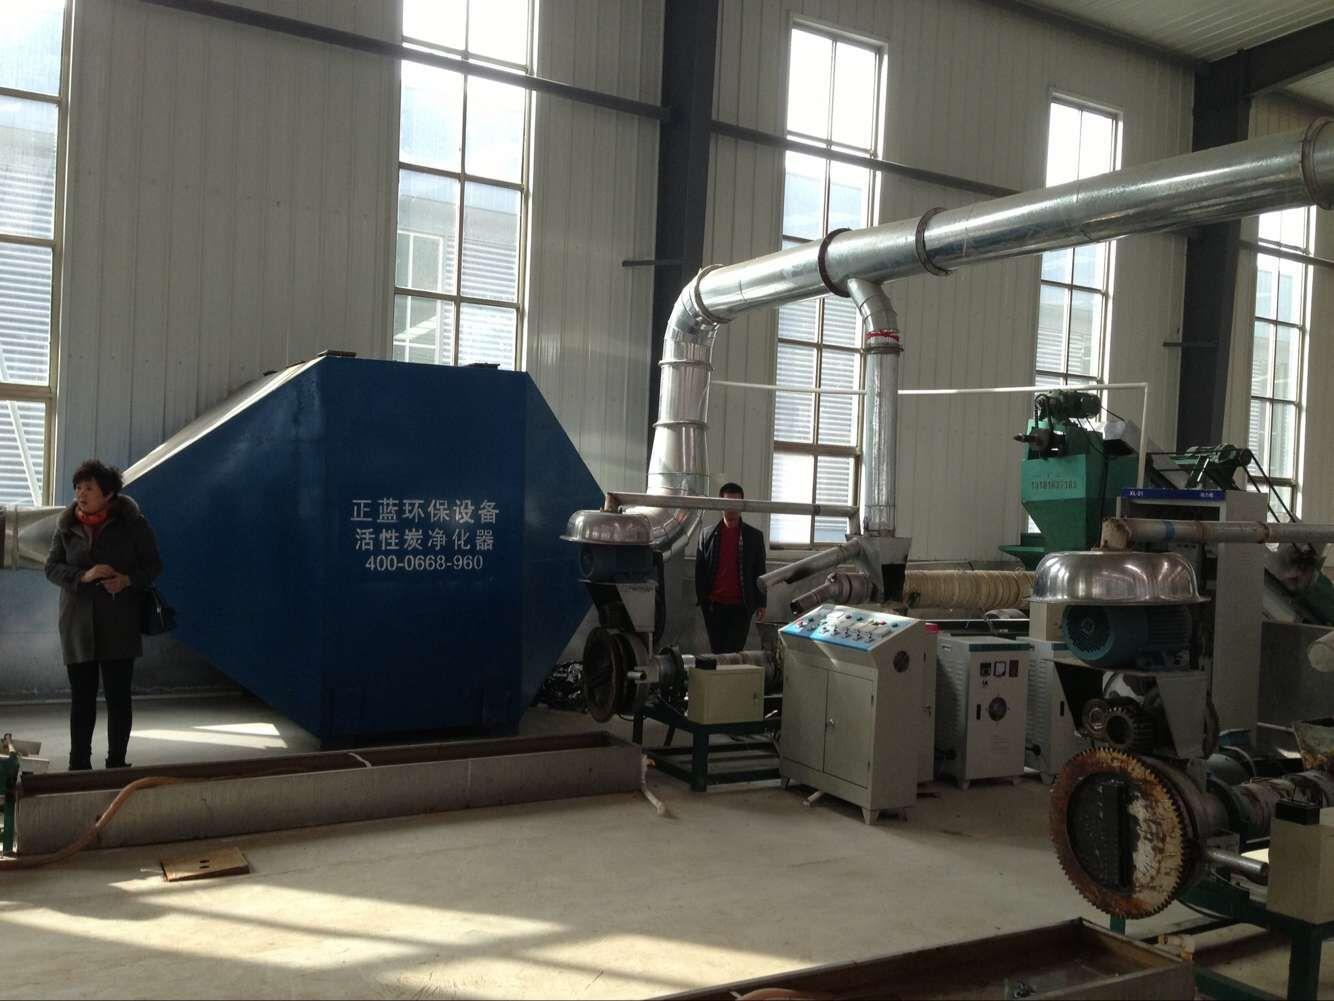 该设备是净化较高浓度有机废气和喷漆废气的吸附设备